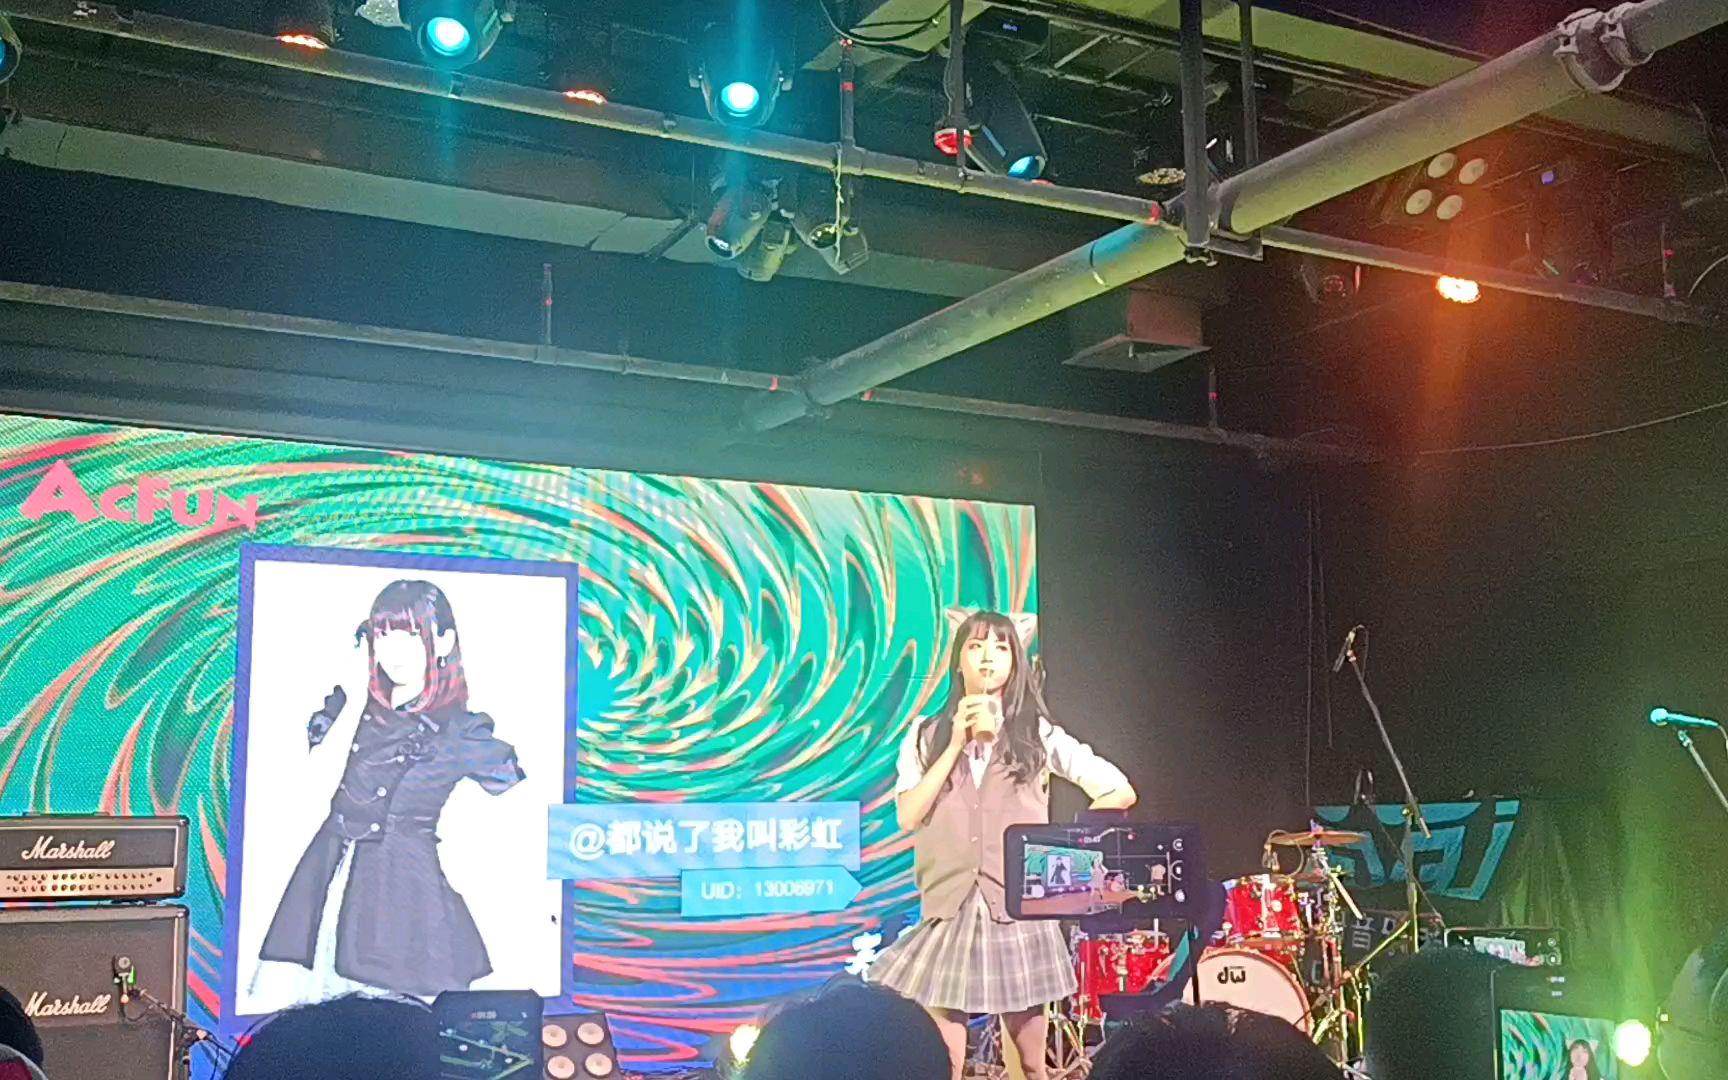 深圳AFM彩虹演出片段